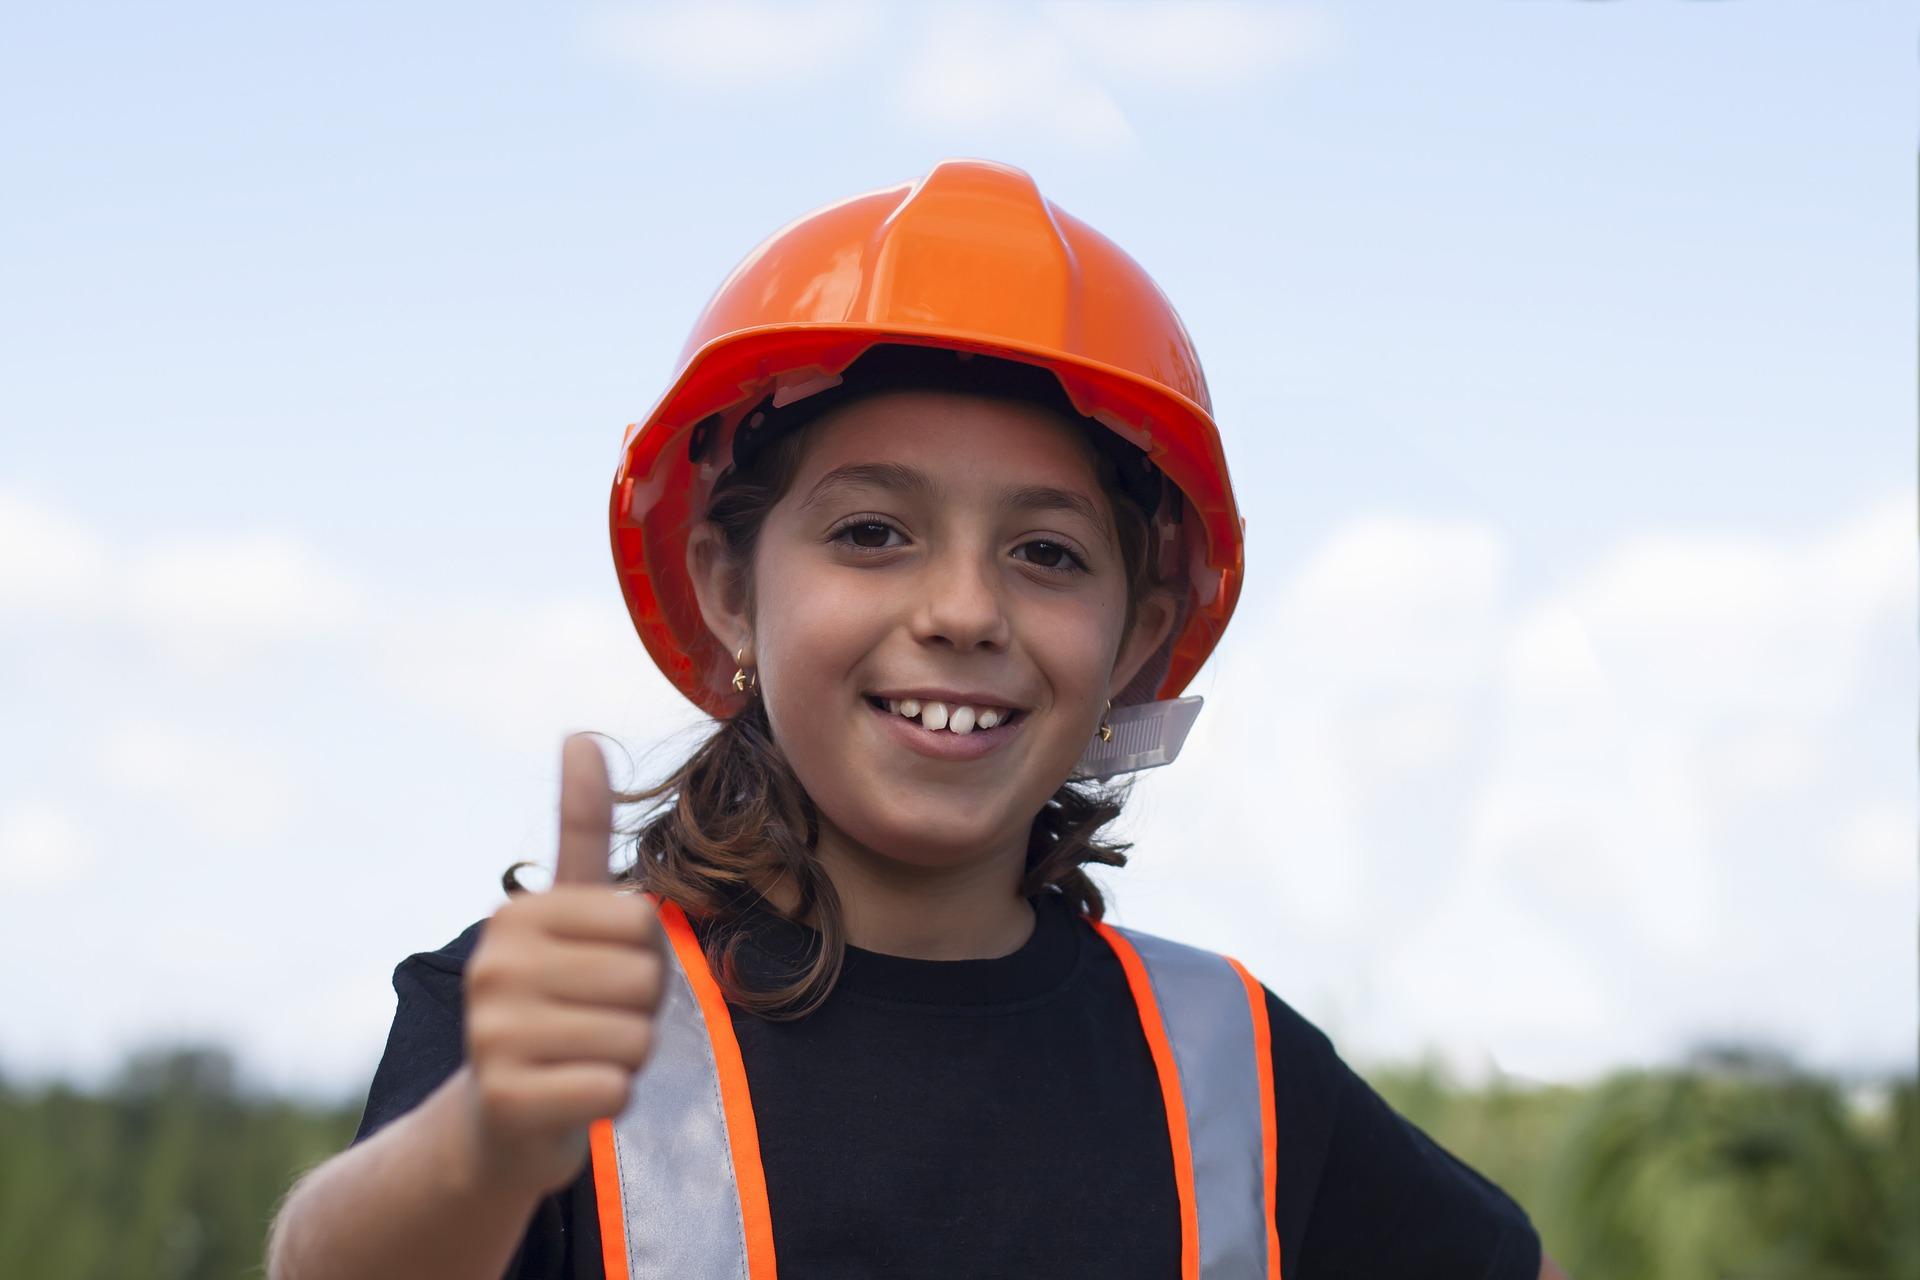 Les vêtements de protection : essentiels pour les travaux à risque 1